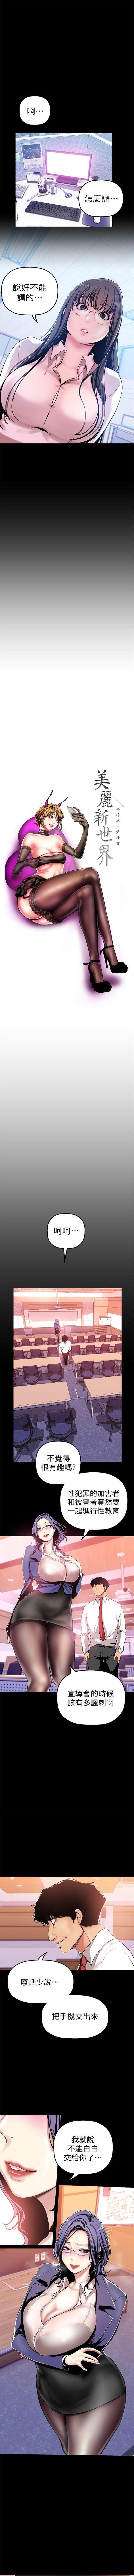 美麗新世界 1-85 官方中文(連載中) 257